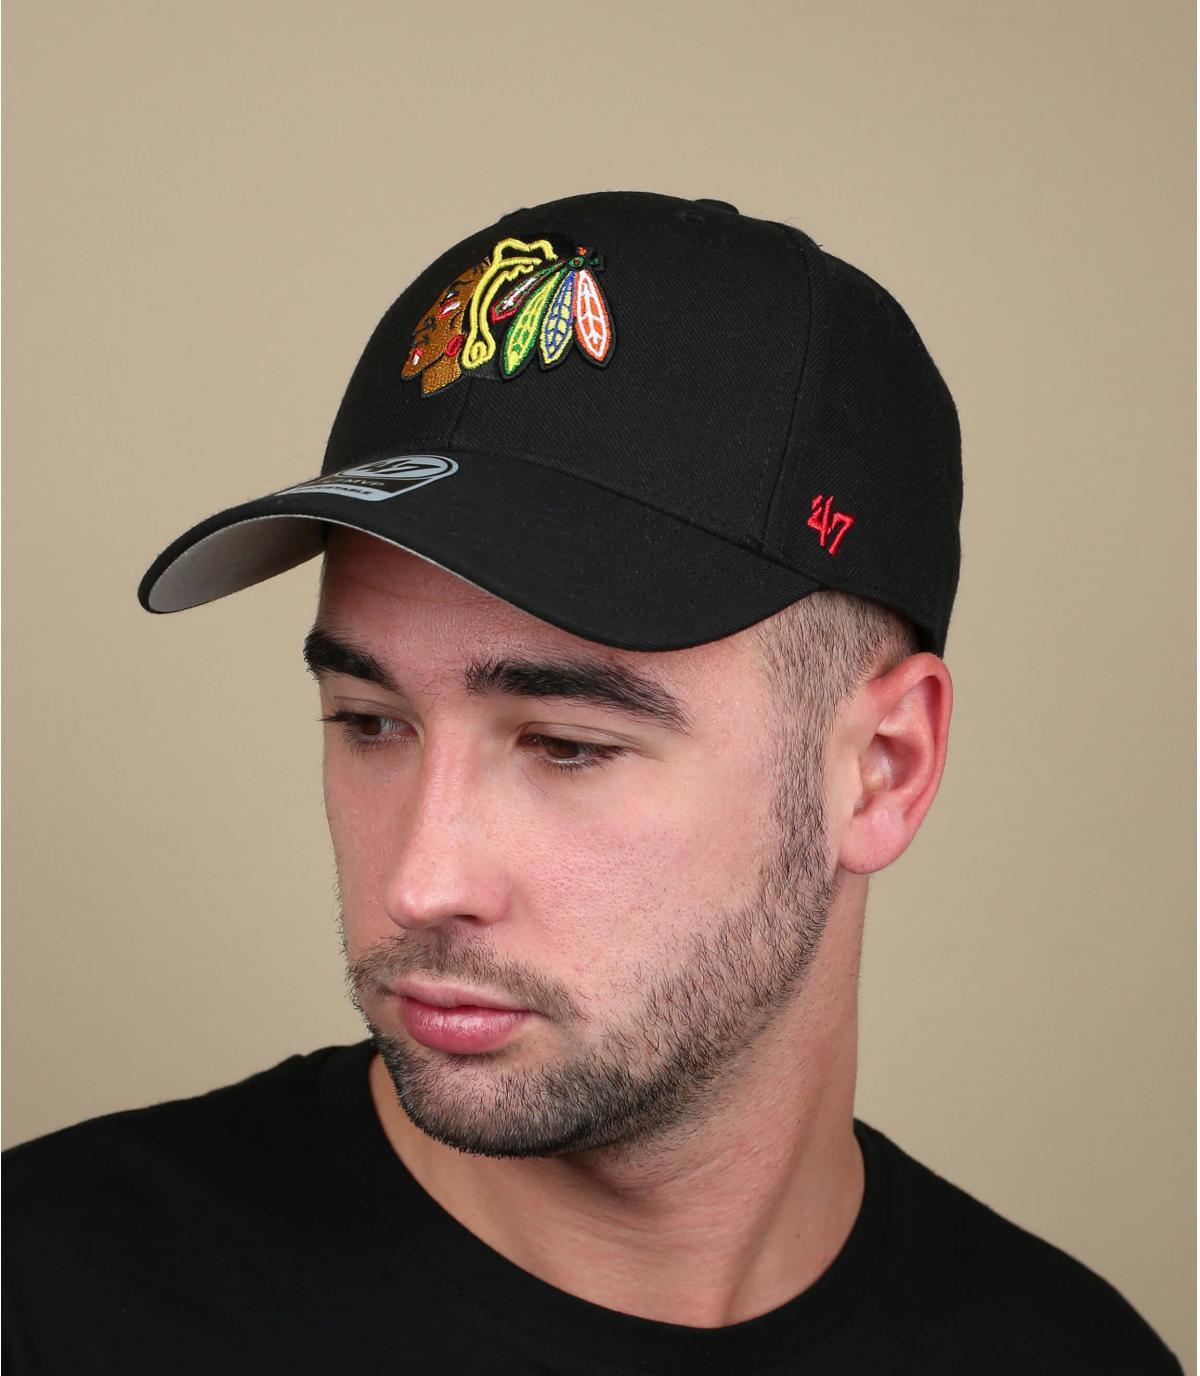 Casquette Blackhawks noire